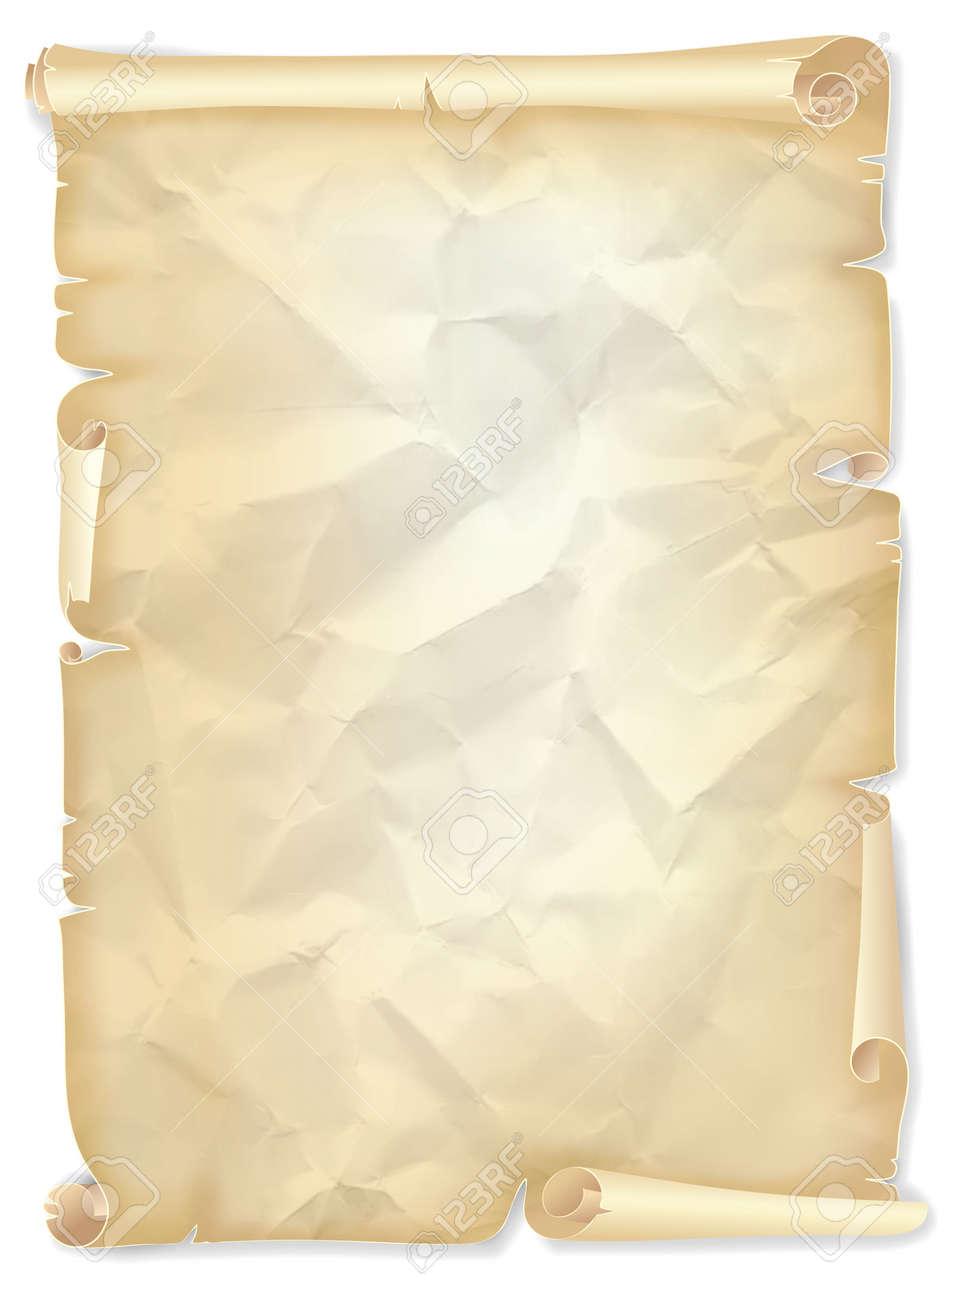 Старый мятую свиток пожелтевшей бумаги открыток или шаблон диплом  Старый мятую свиток пожелтевшей бумаги открыток или шаблон диплом иллюстрации Фото со стока